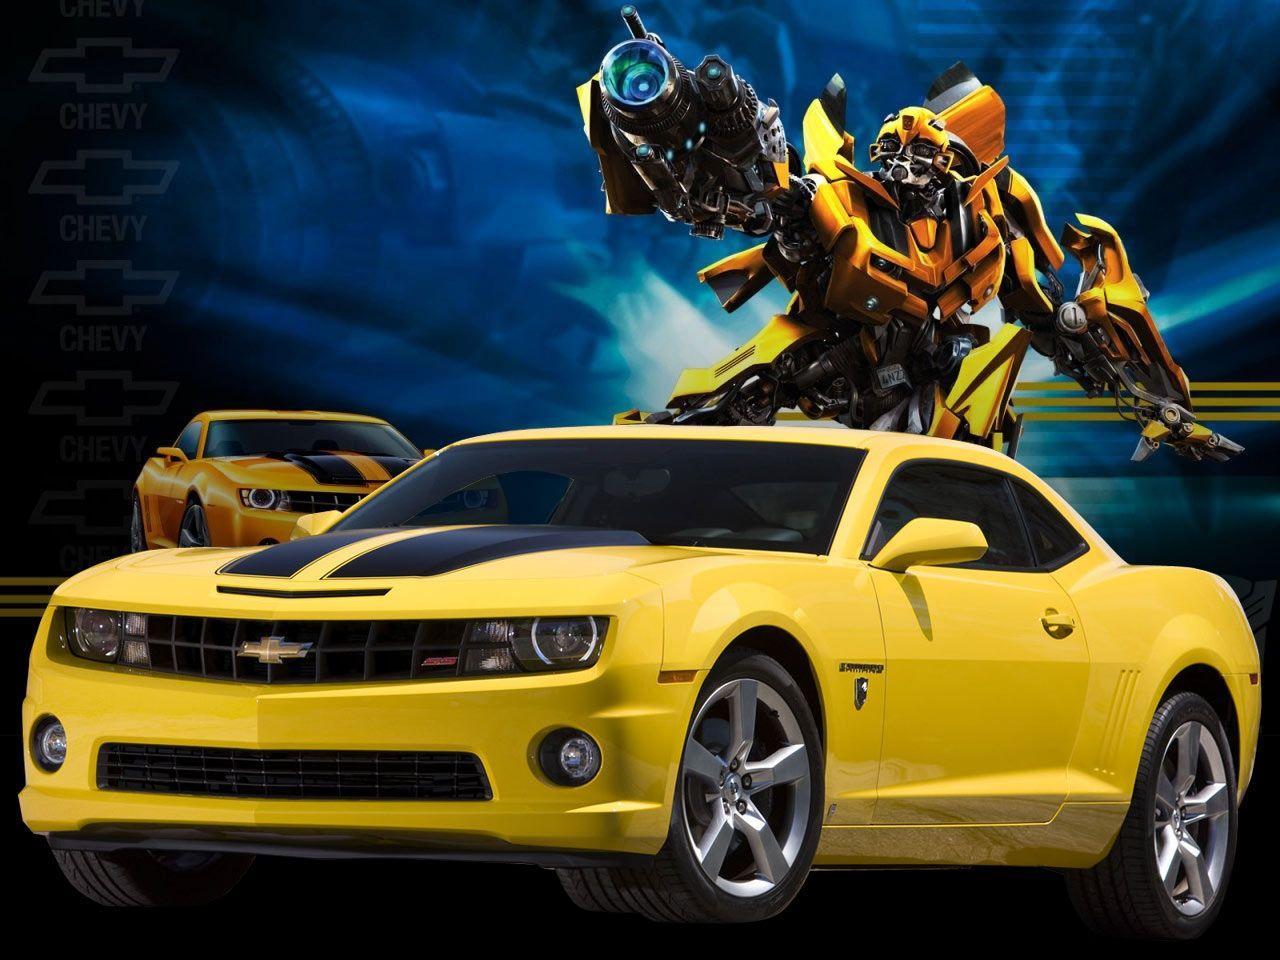 Imagenes De Transformers (autos) | Mis sueños y Sueños